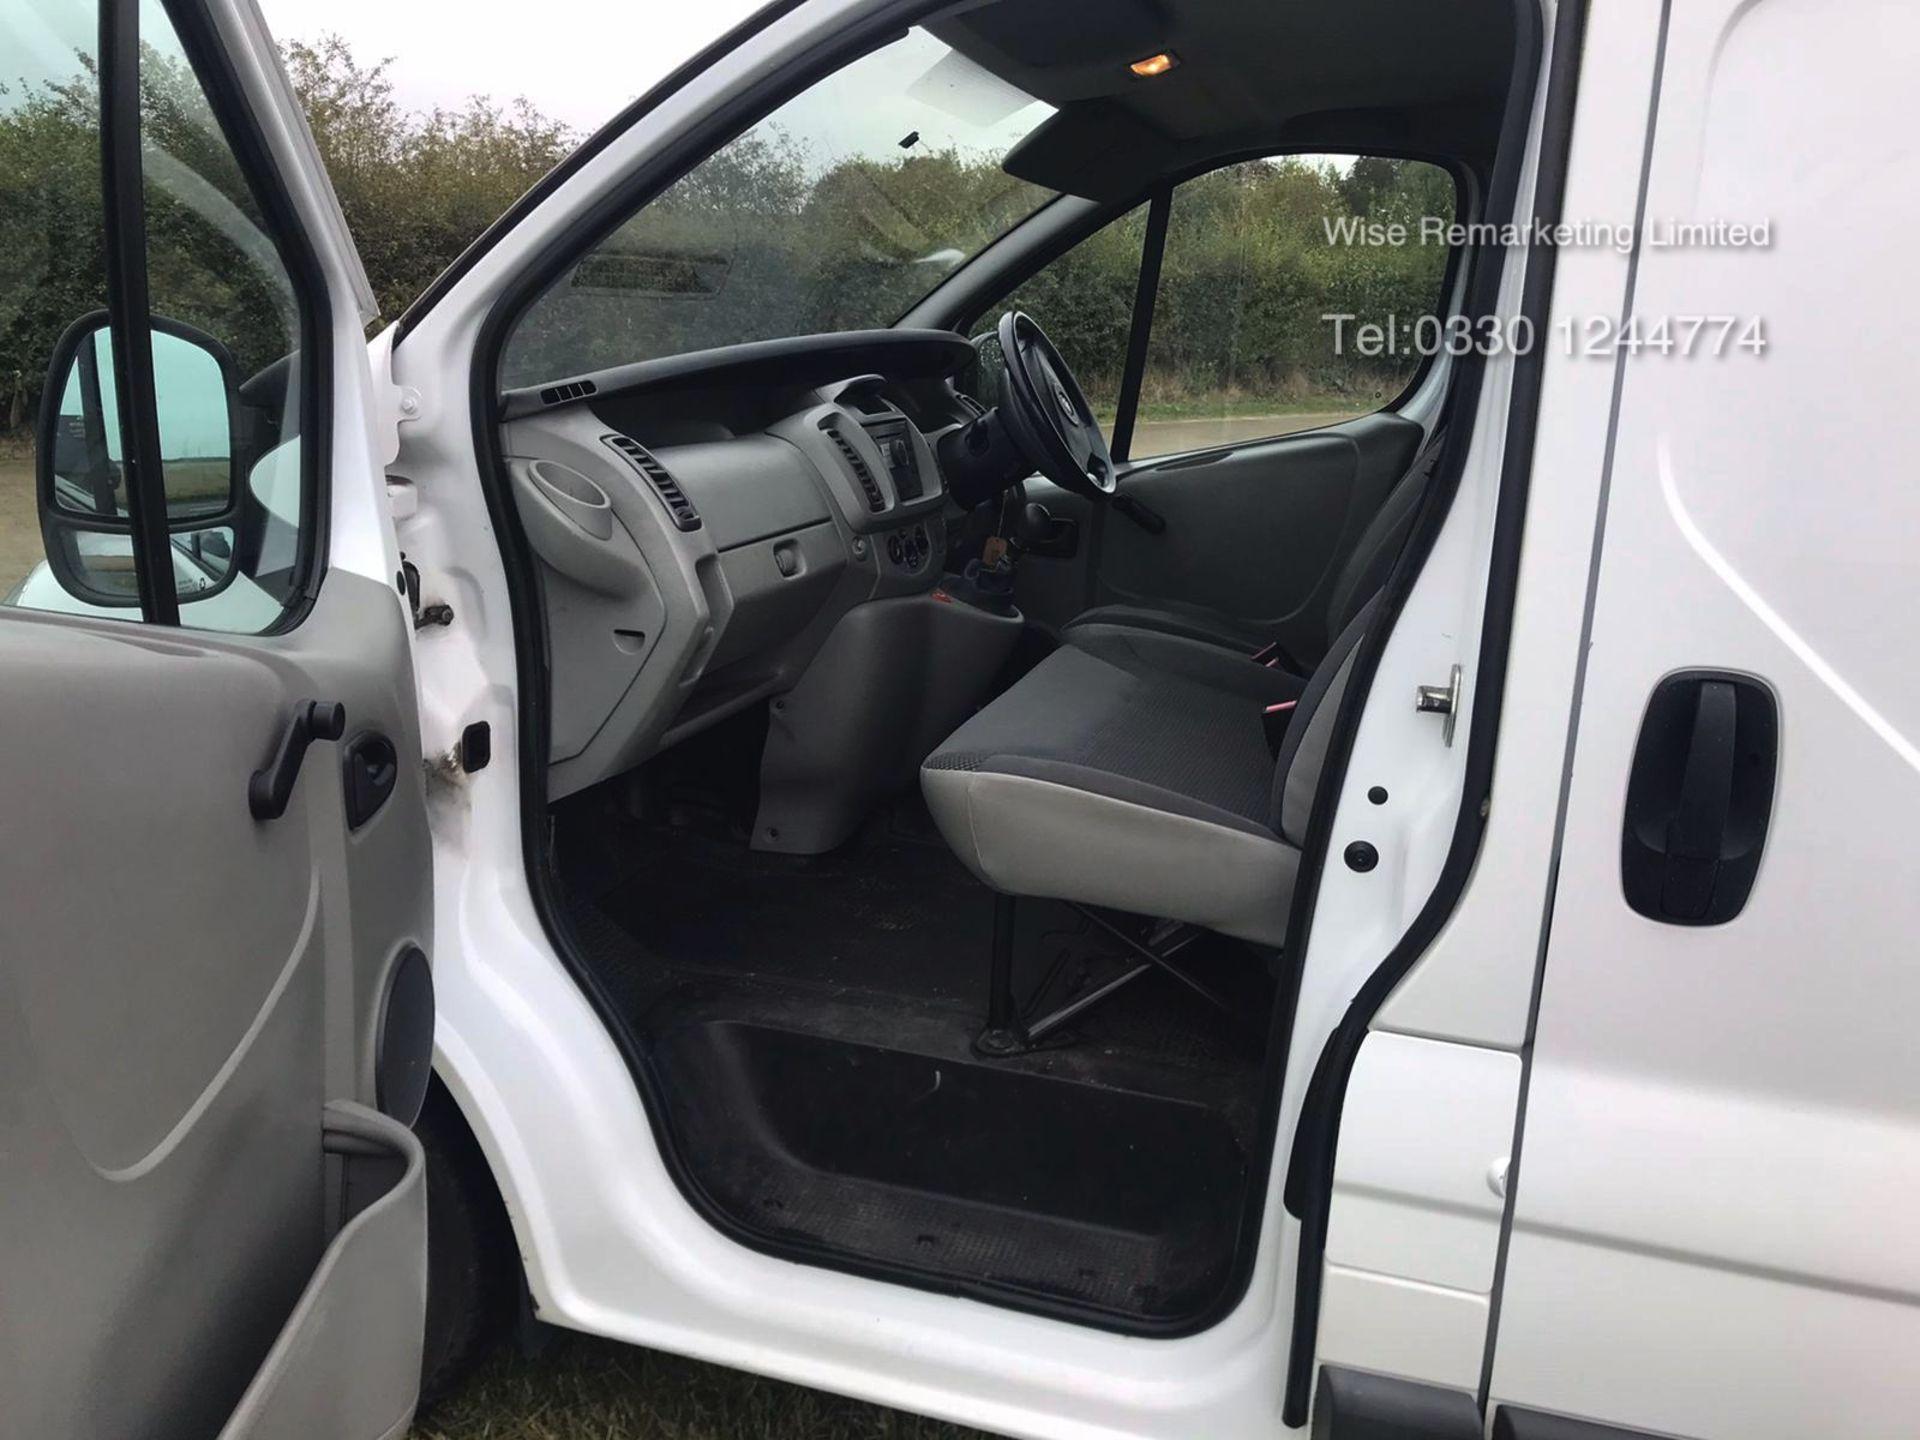 Lot 34 - Vauxhall Vivaro 2700 2.0l Cdti - 2010 10 Reg - 1 Keeper From New